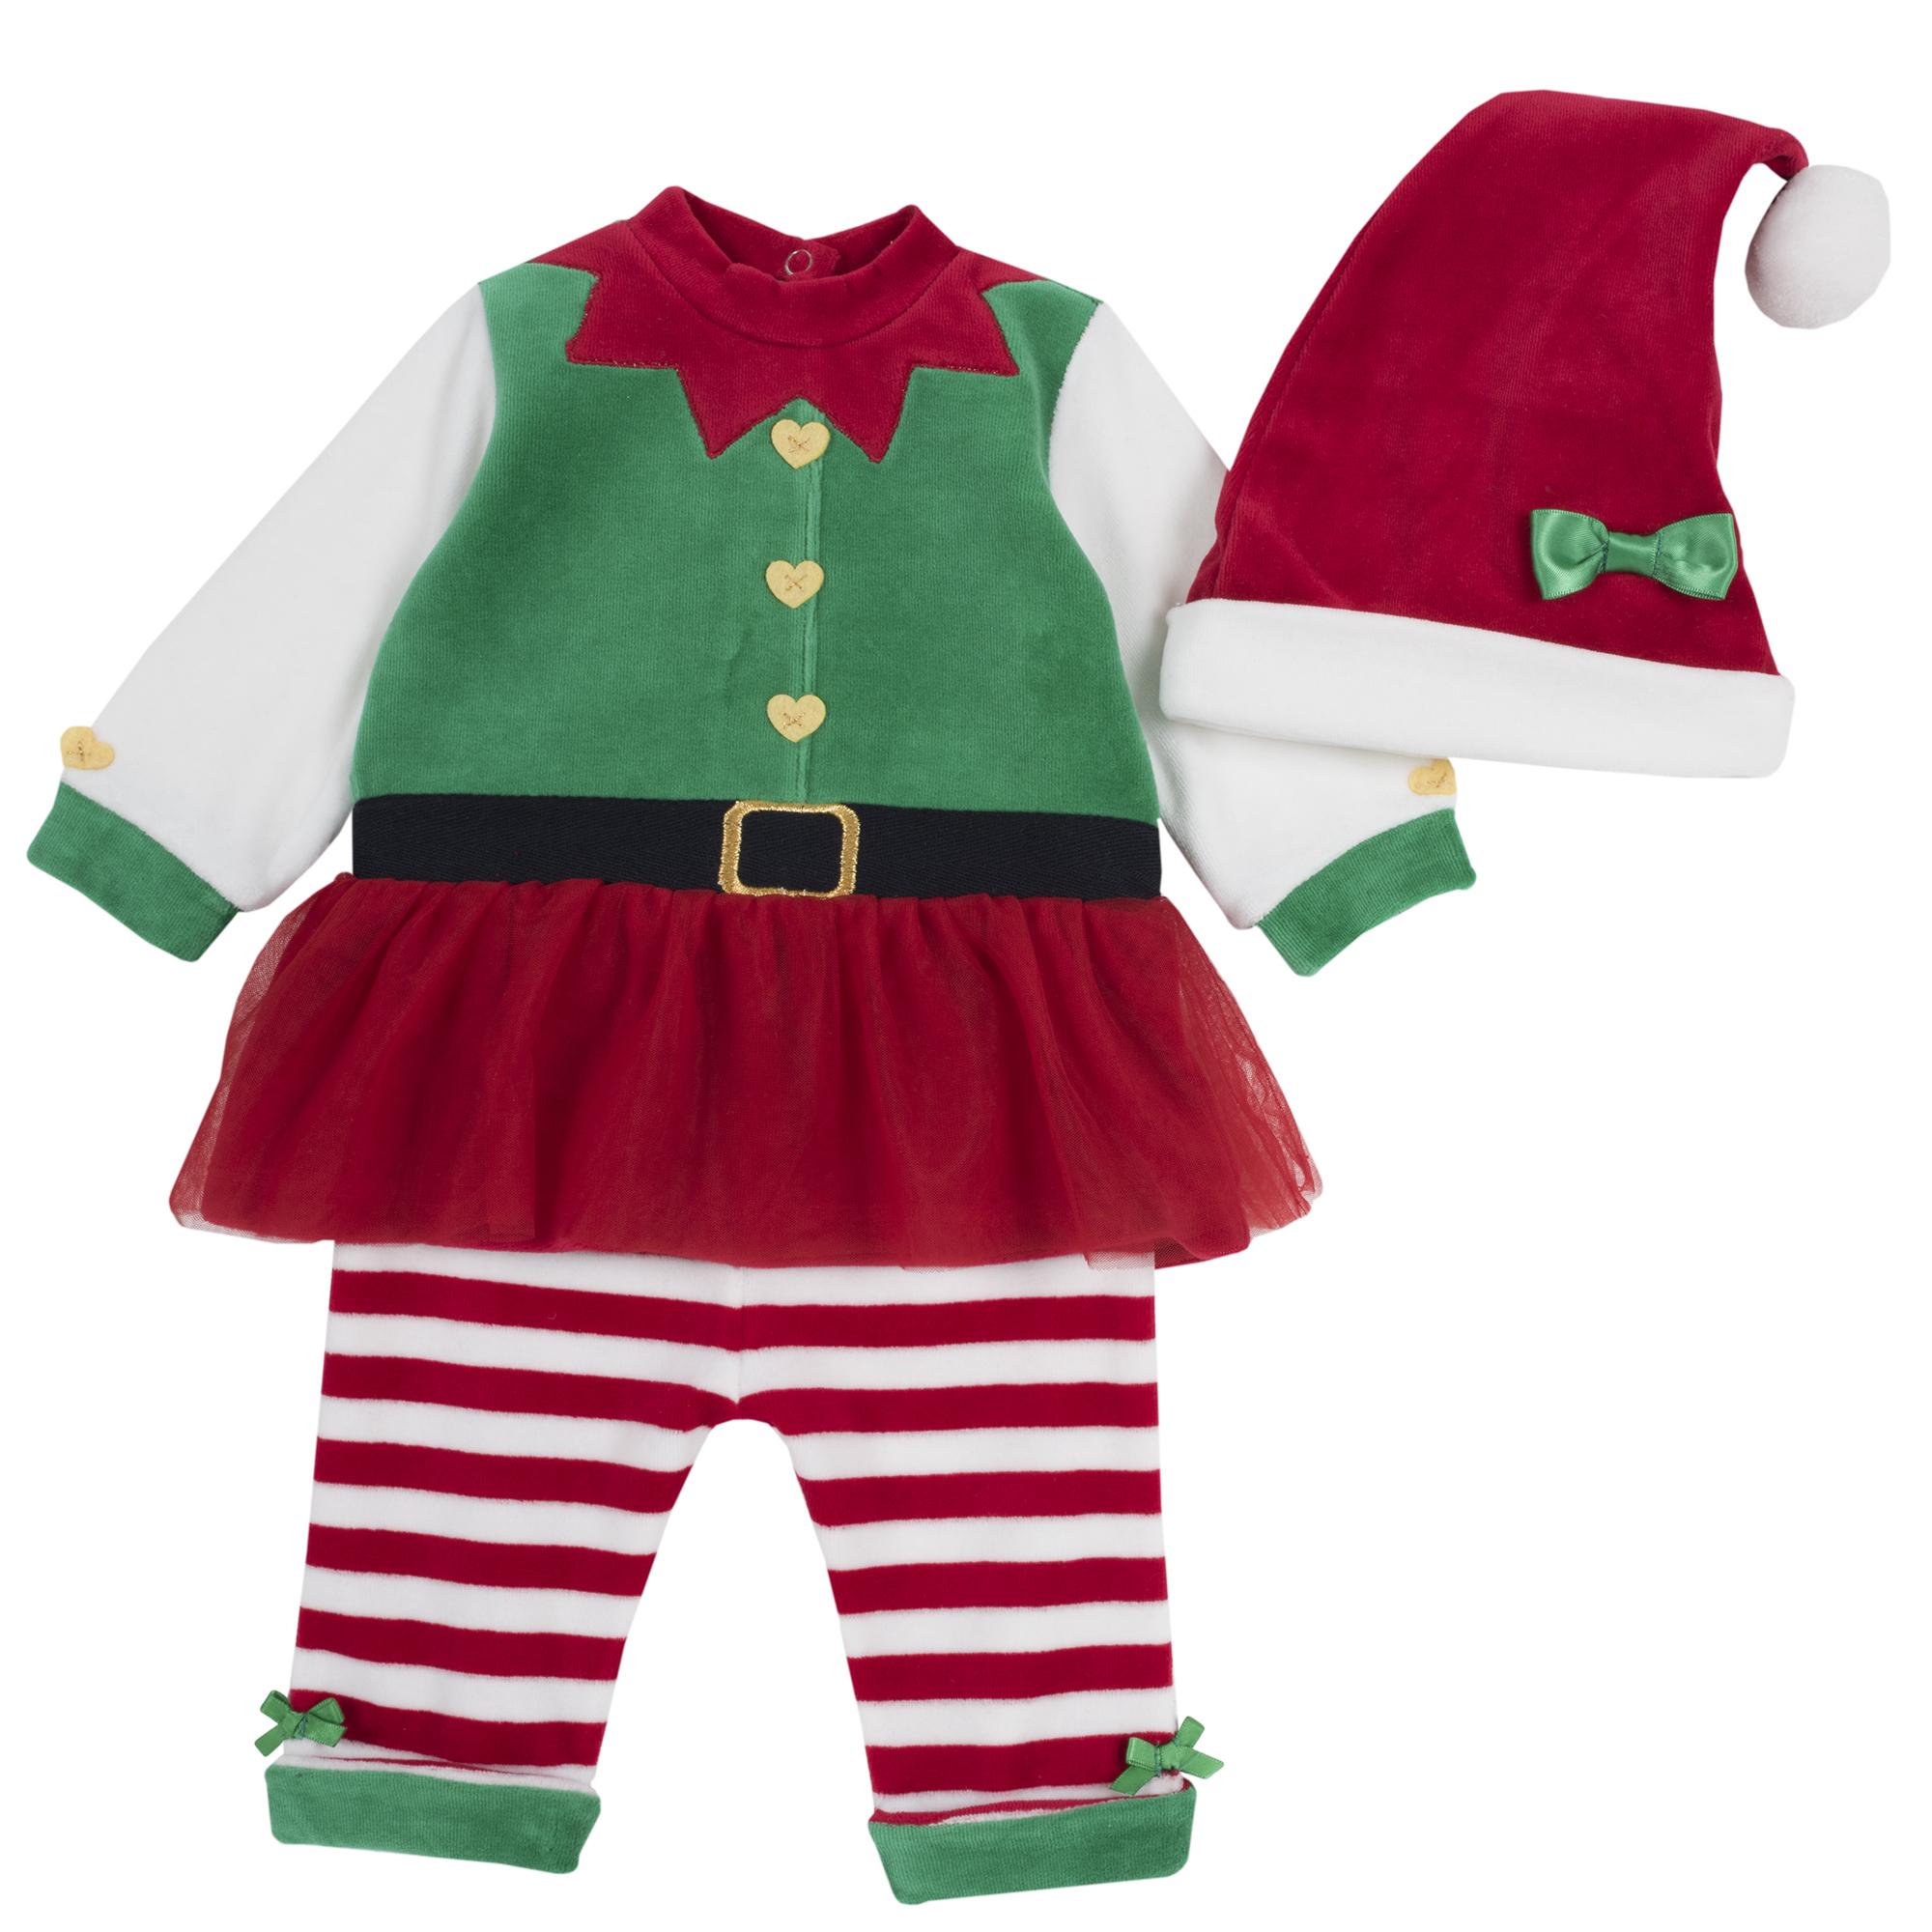 Set costum elfita copii Chicco, rosu